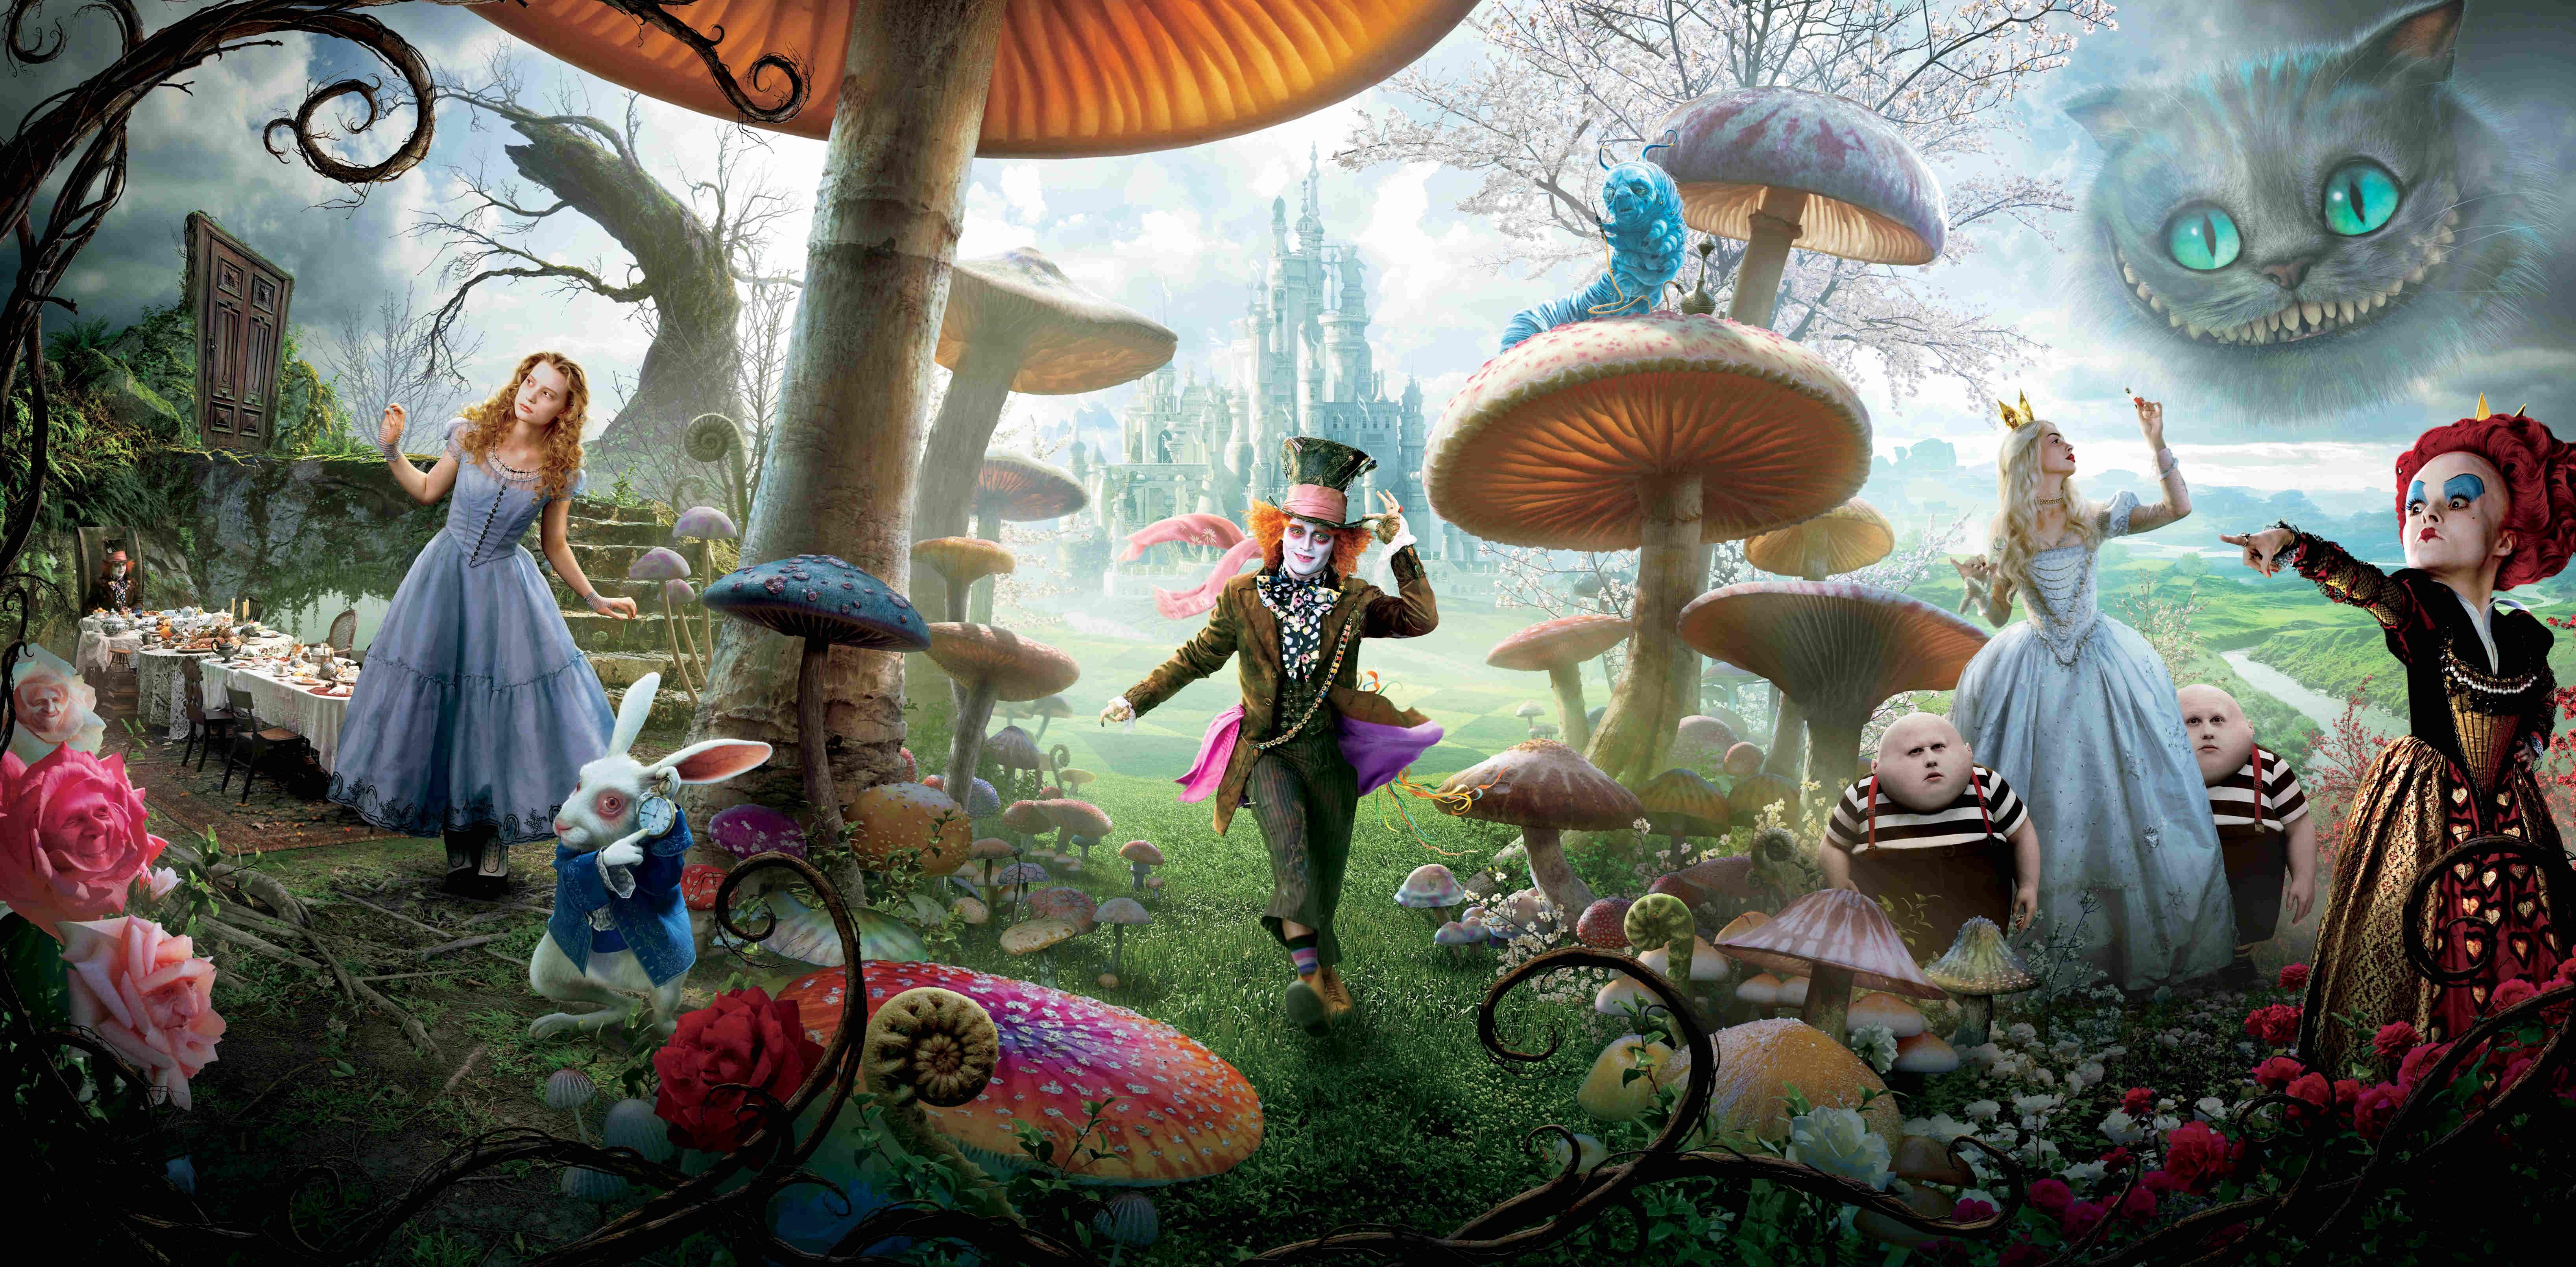 Wonderland from Alice in Wonderland